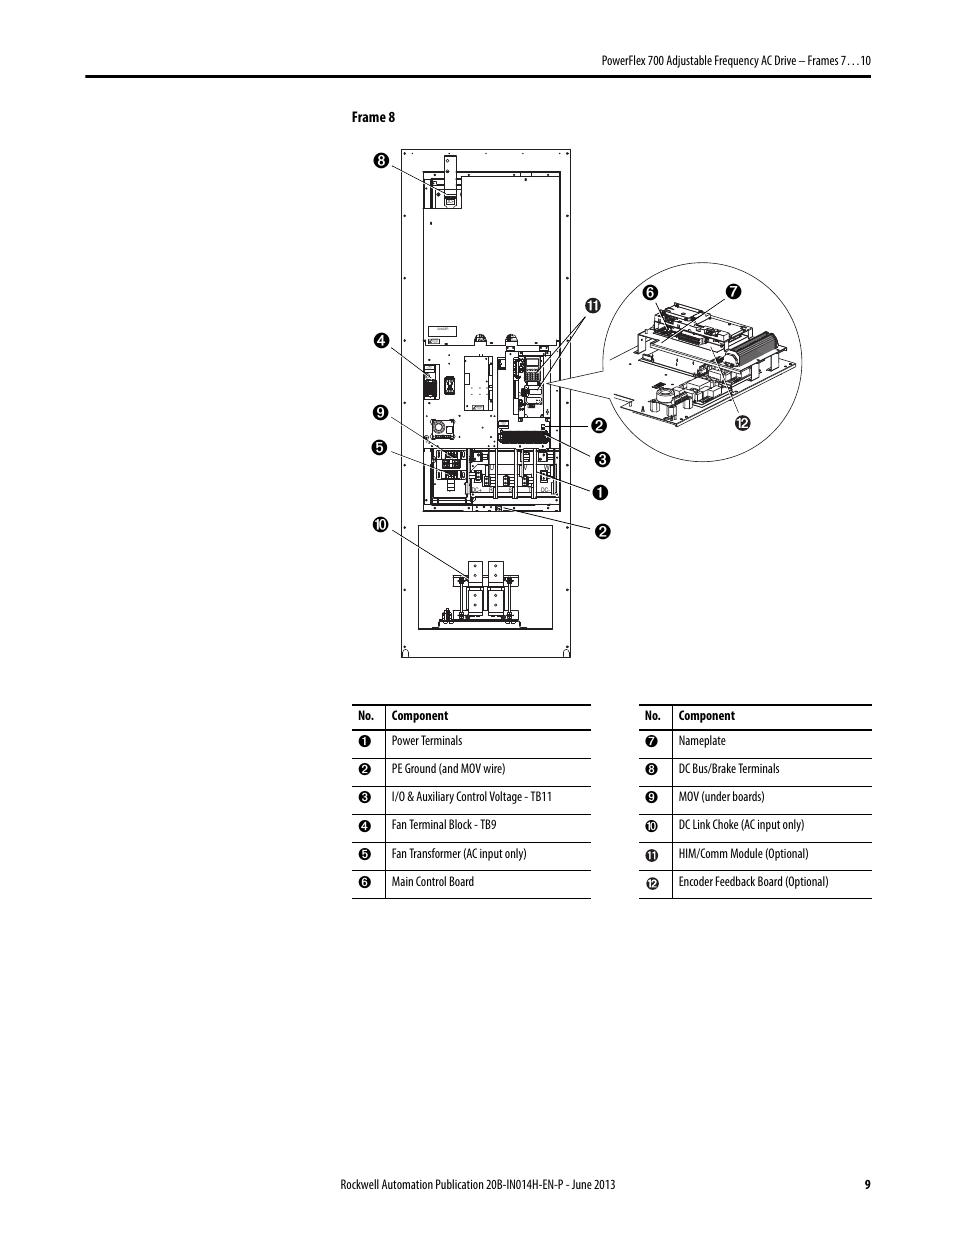 Powerflex Wiring Diagram on powerflex 750 installation manual, 115 volt ac motor wiring diagram, 1962 ford thunderbird wiring diagram, powerflex 70 wiring-diagram, powerflex 750 user manual, 3 wire computer fan wiring diagram, allen bradley wiring diagram, powerflex 700 hardware diagram, ac drive wiring diagram,